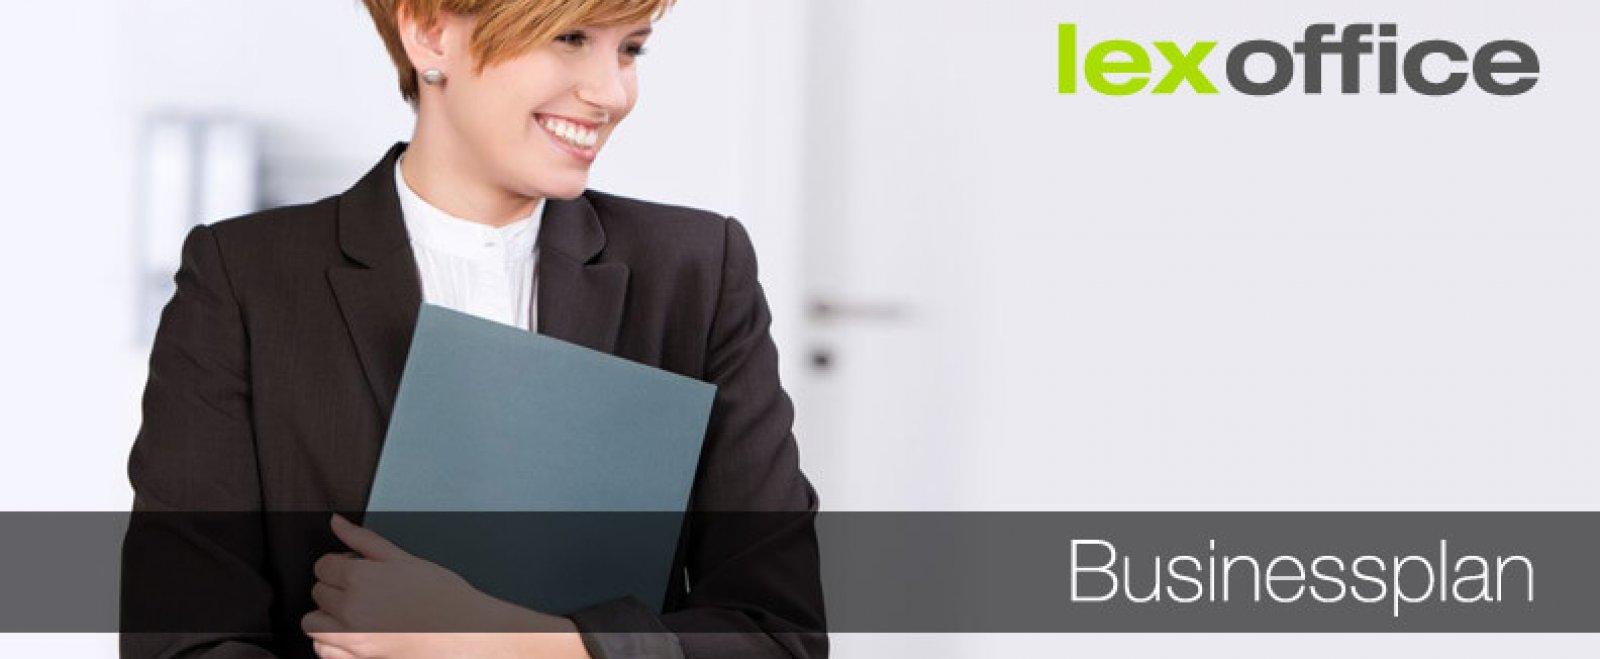 Der Businessplan – Existenzgründung vorbereiten, Zuschüsse und Kredite beantragen oder Investoren gewinnen